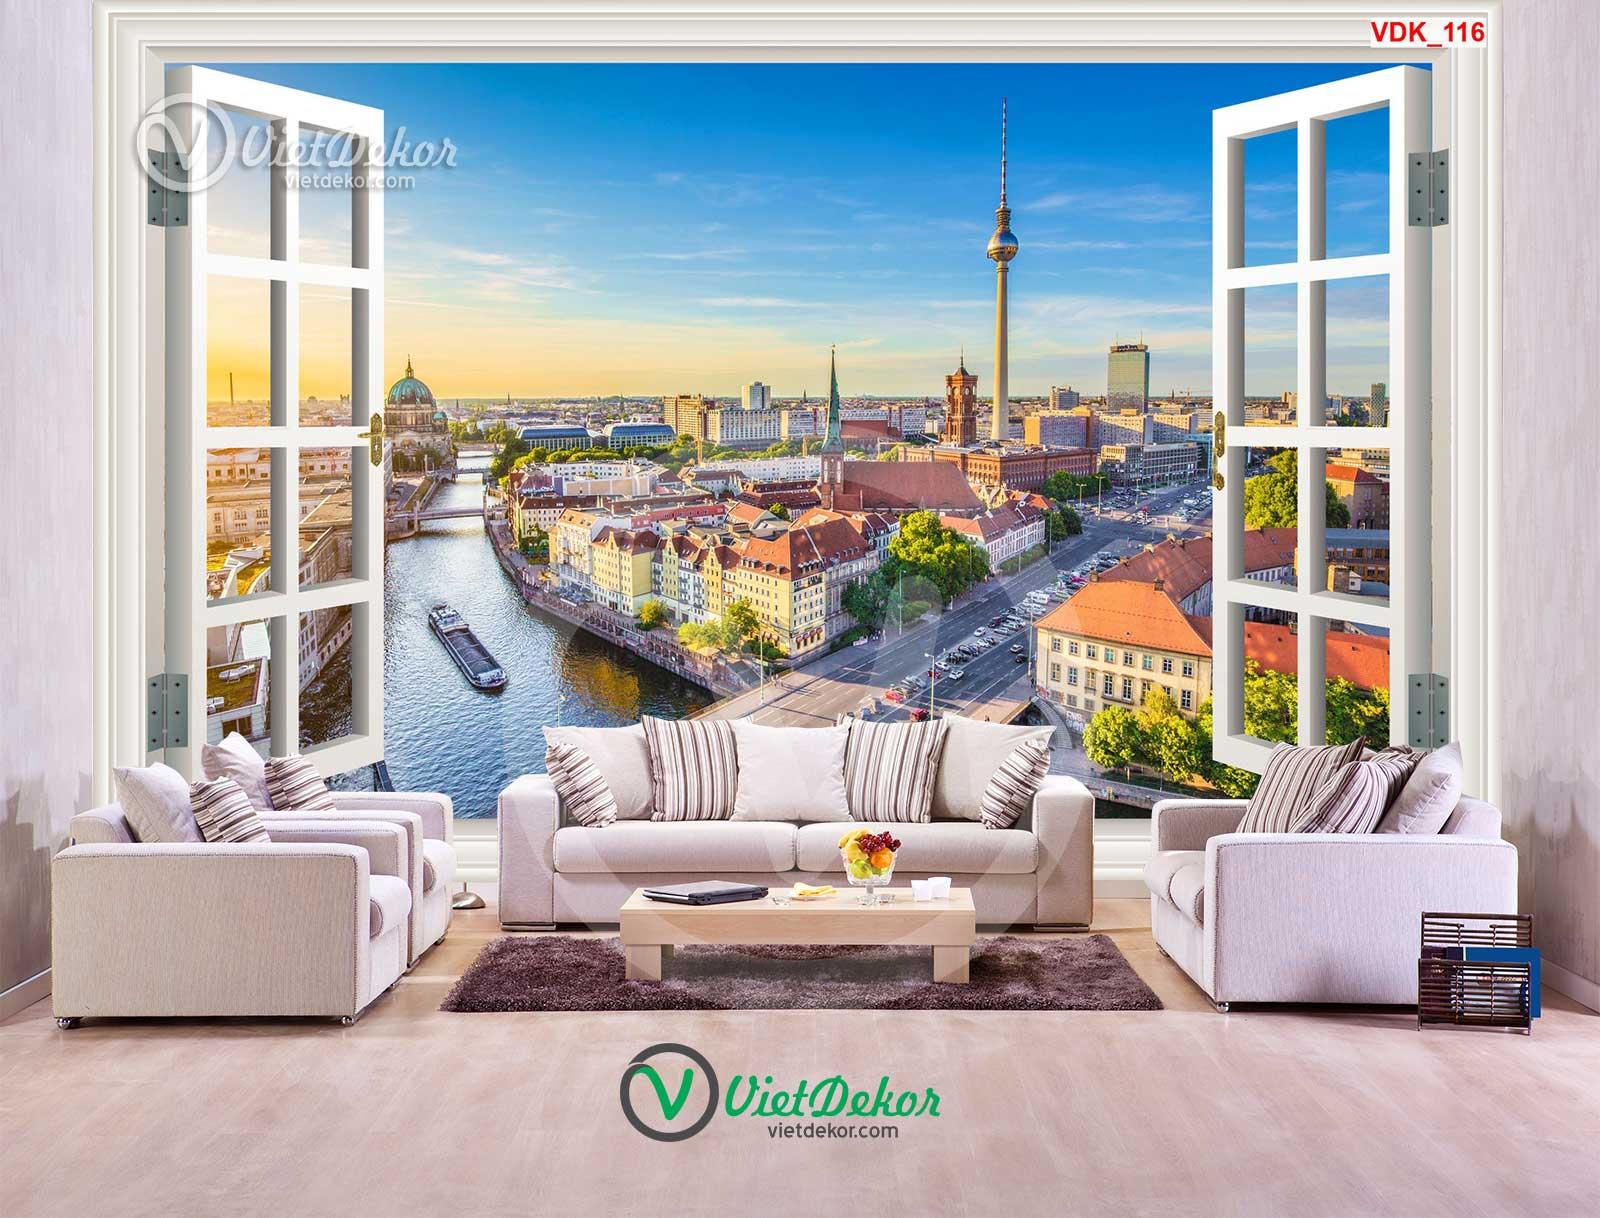 Tranh dán tường 3d cửa sổ  phong cảnh toàn thành phố